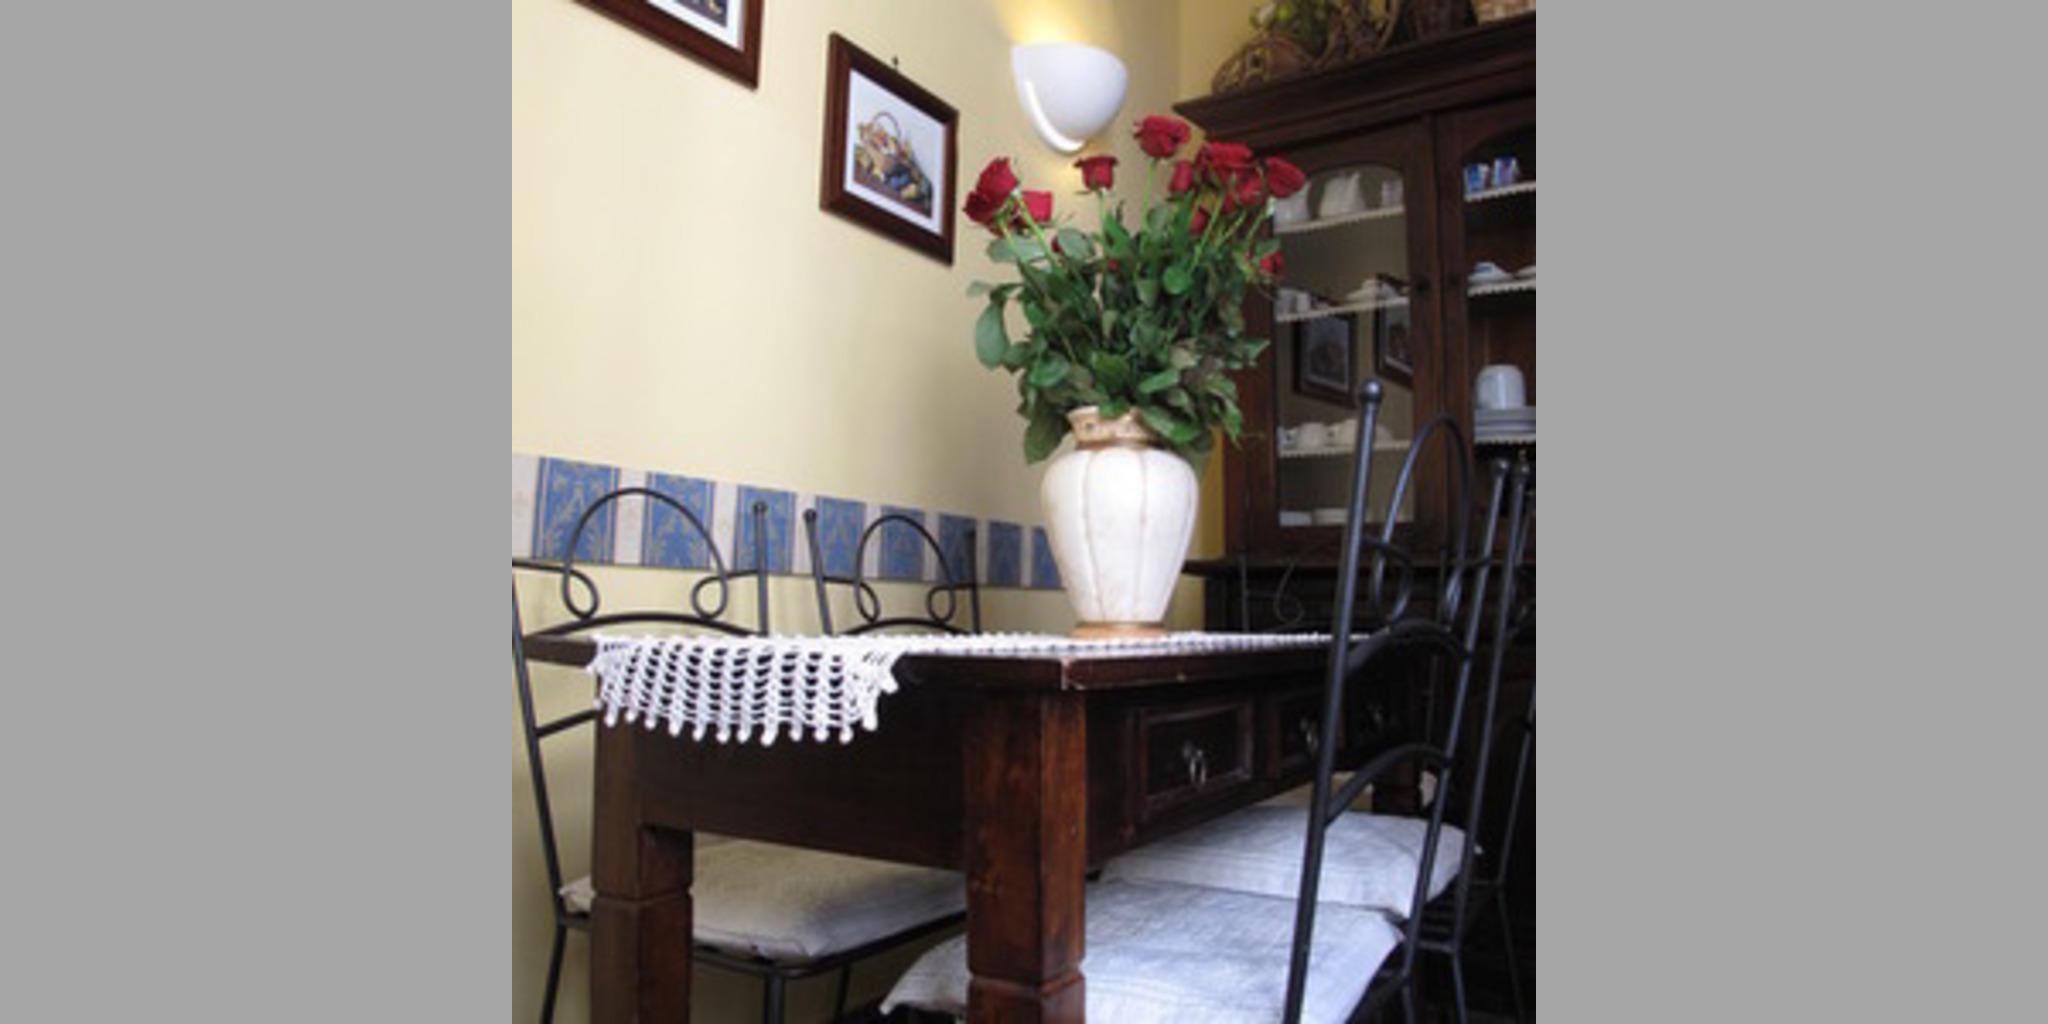 Bed & Breakfast Napoli - Napoli  Plebiscito A